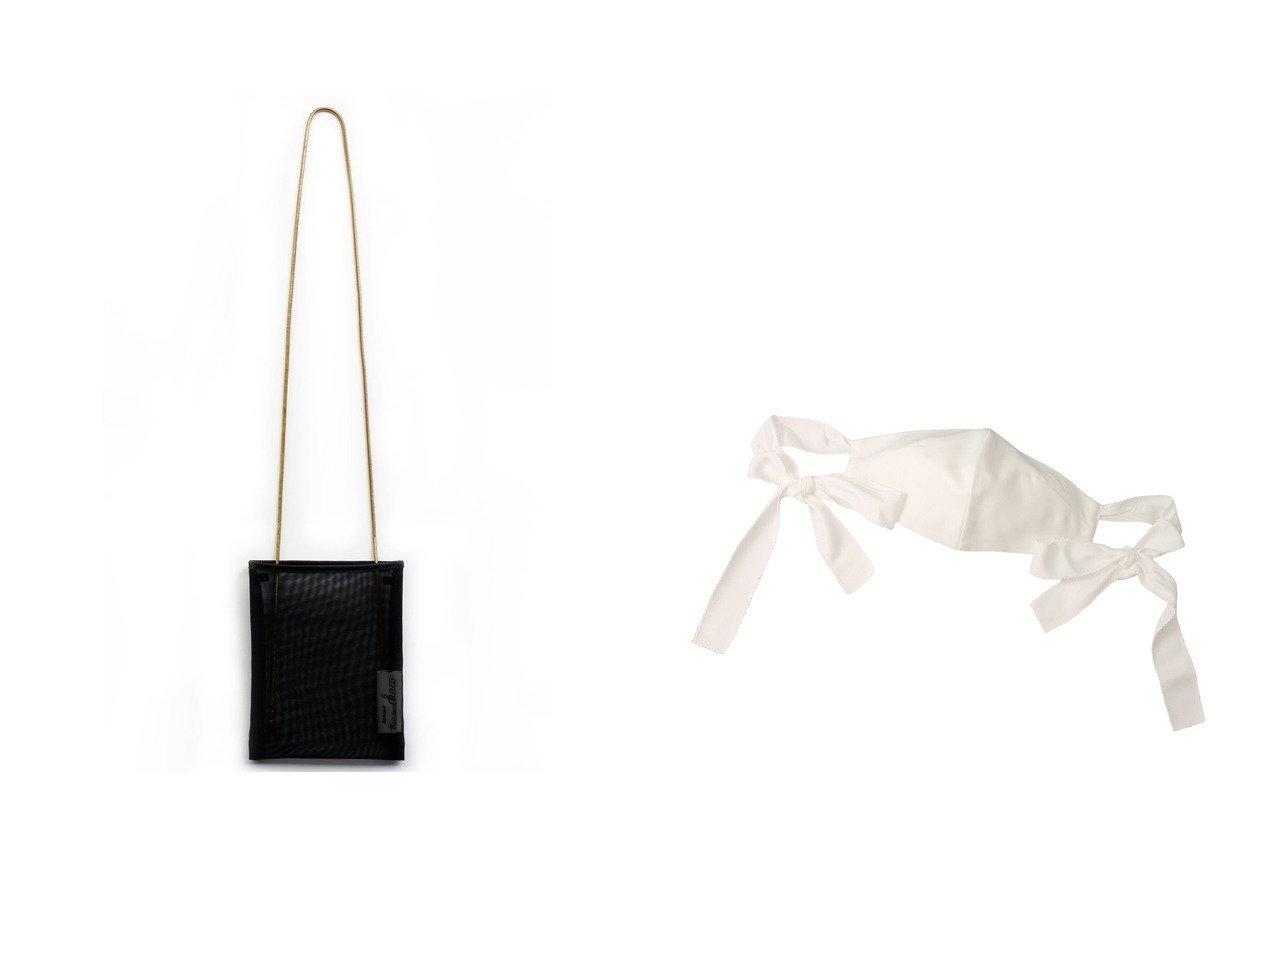 【troisieme CHACO/トロワズィエムチャコ】のマスクケース&フェイスアクセサリー マットサテンマスク おすすめ!人気、トレンド・レディースファッションの通販 おすすめで人気の流行・トレンド、ファッションの通販商品 メンズファッション・キッズファッション・インテリア・家具・レディースファッション・服の通販 founy(ファニー) https://founy.com/ ファッション Fashion レディースファッション WOMEN 2021年 2021 2021 春夏 S/S SS Spring/Summer 2021 S/S 春夏 SS Spring/Summer ショルダー ポシェット ロング 春 Spring |ID:crp329100000013228